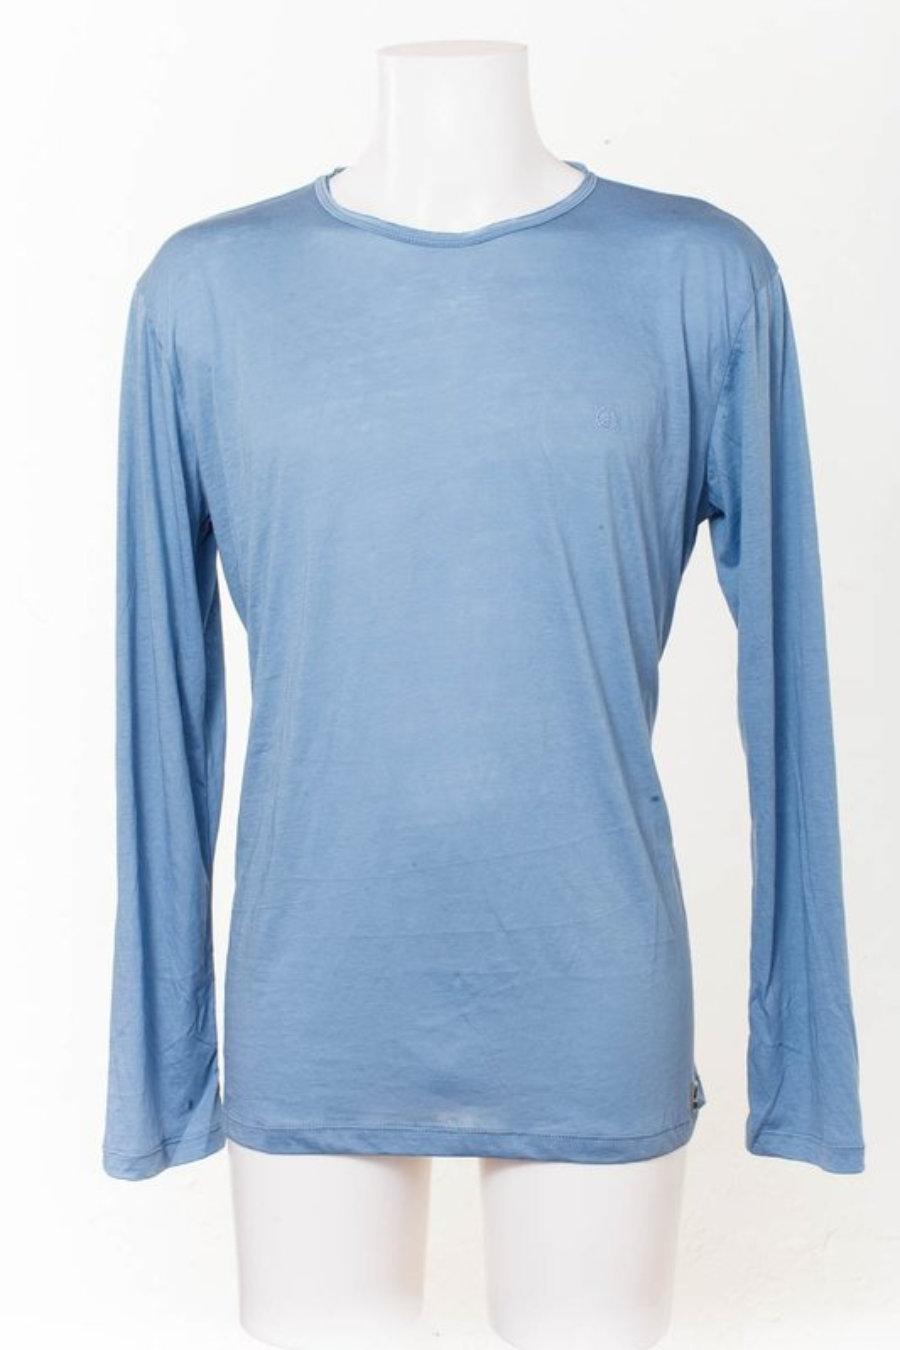 Camiseta Parana manga larga